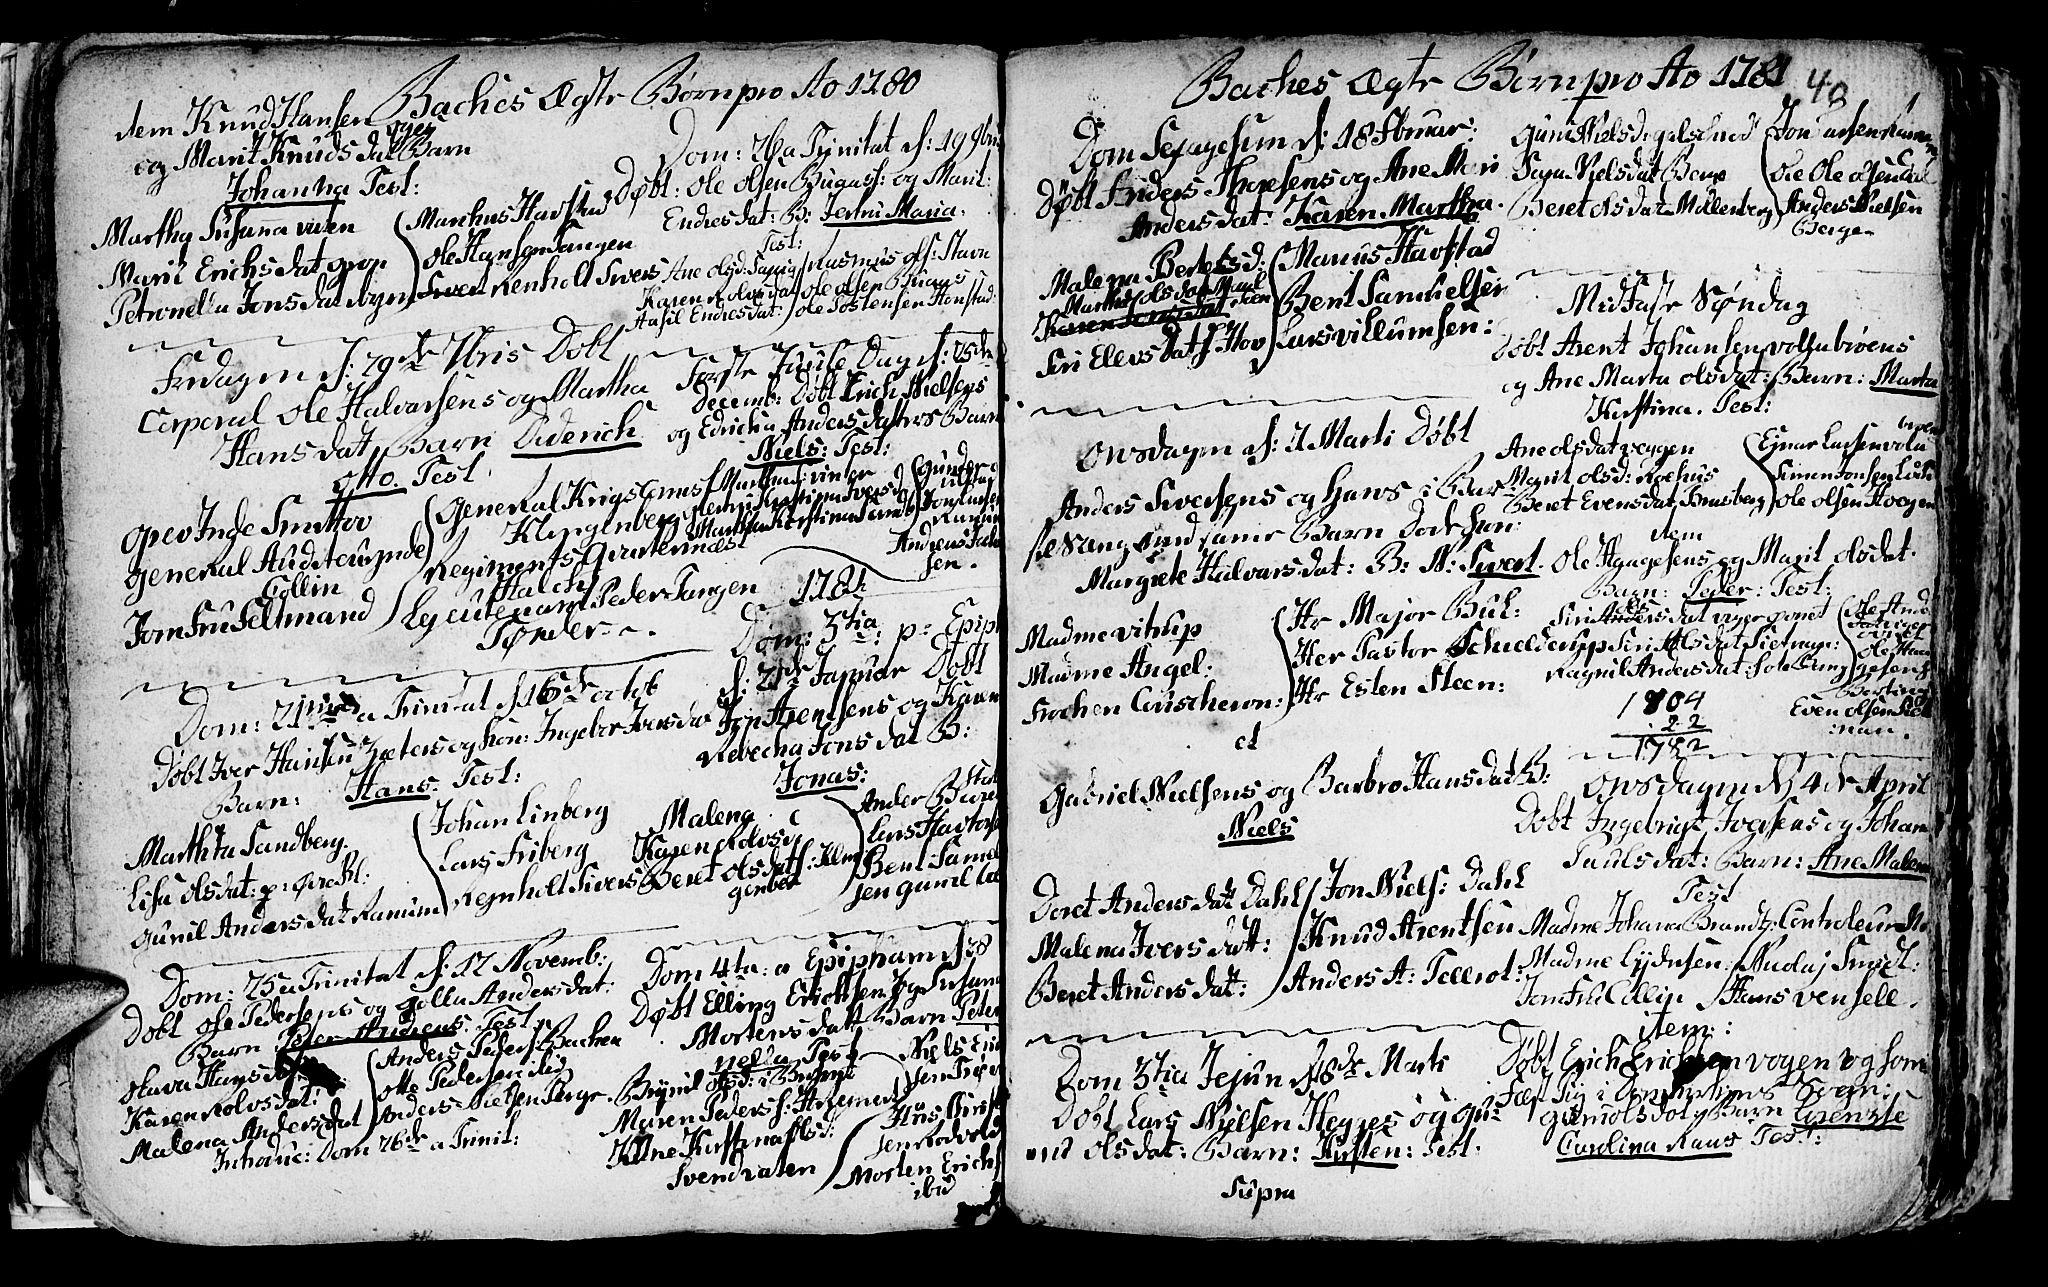 SAT, Ministerialprotokoller, klokkerbøker og fødselsregistre - Sør-Trøndelag, 604/L0218: Klokkerbok nr. 604C01, 1754-1819, s. 40